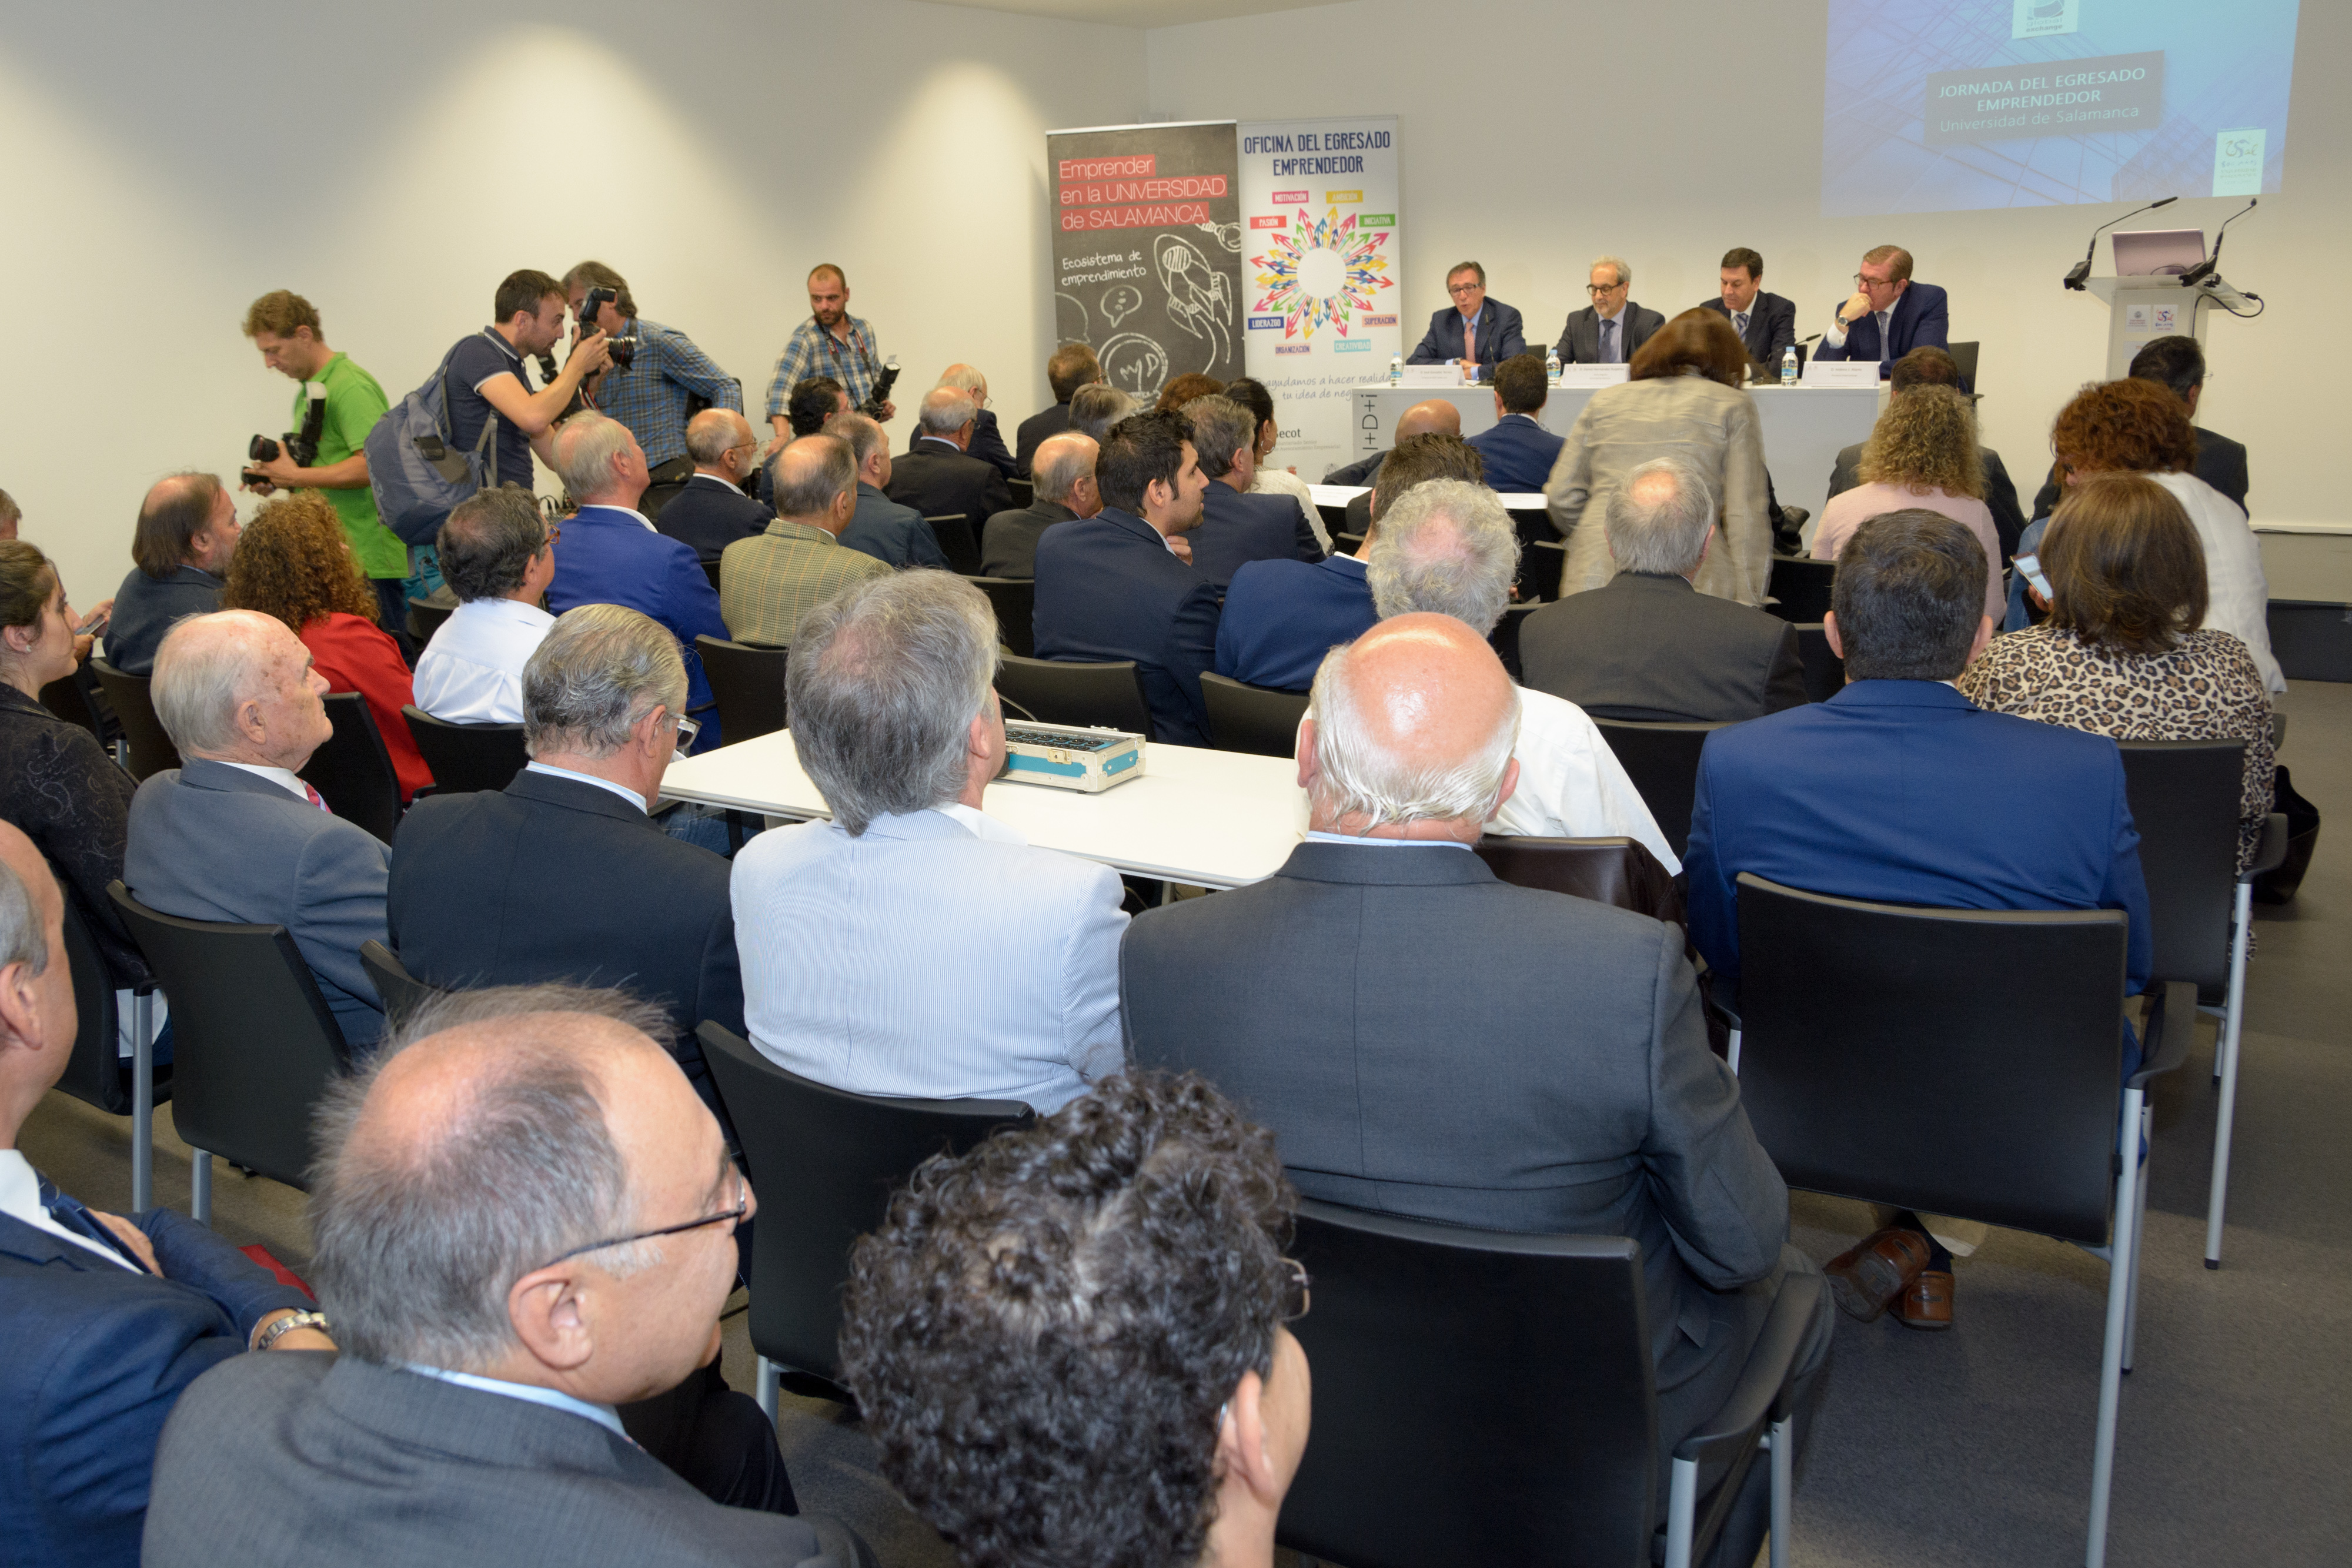 La Universidad de Salamanca, la Junta de Castilla y León y SECOT presentan la Oficina del Egresado Emprendedor